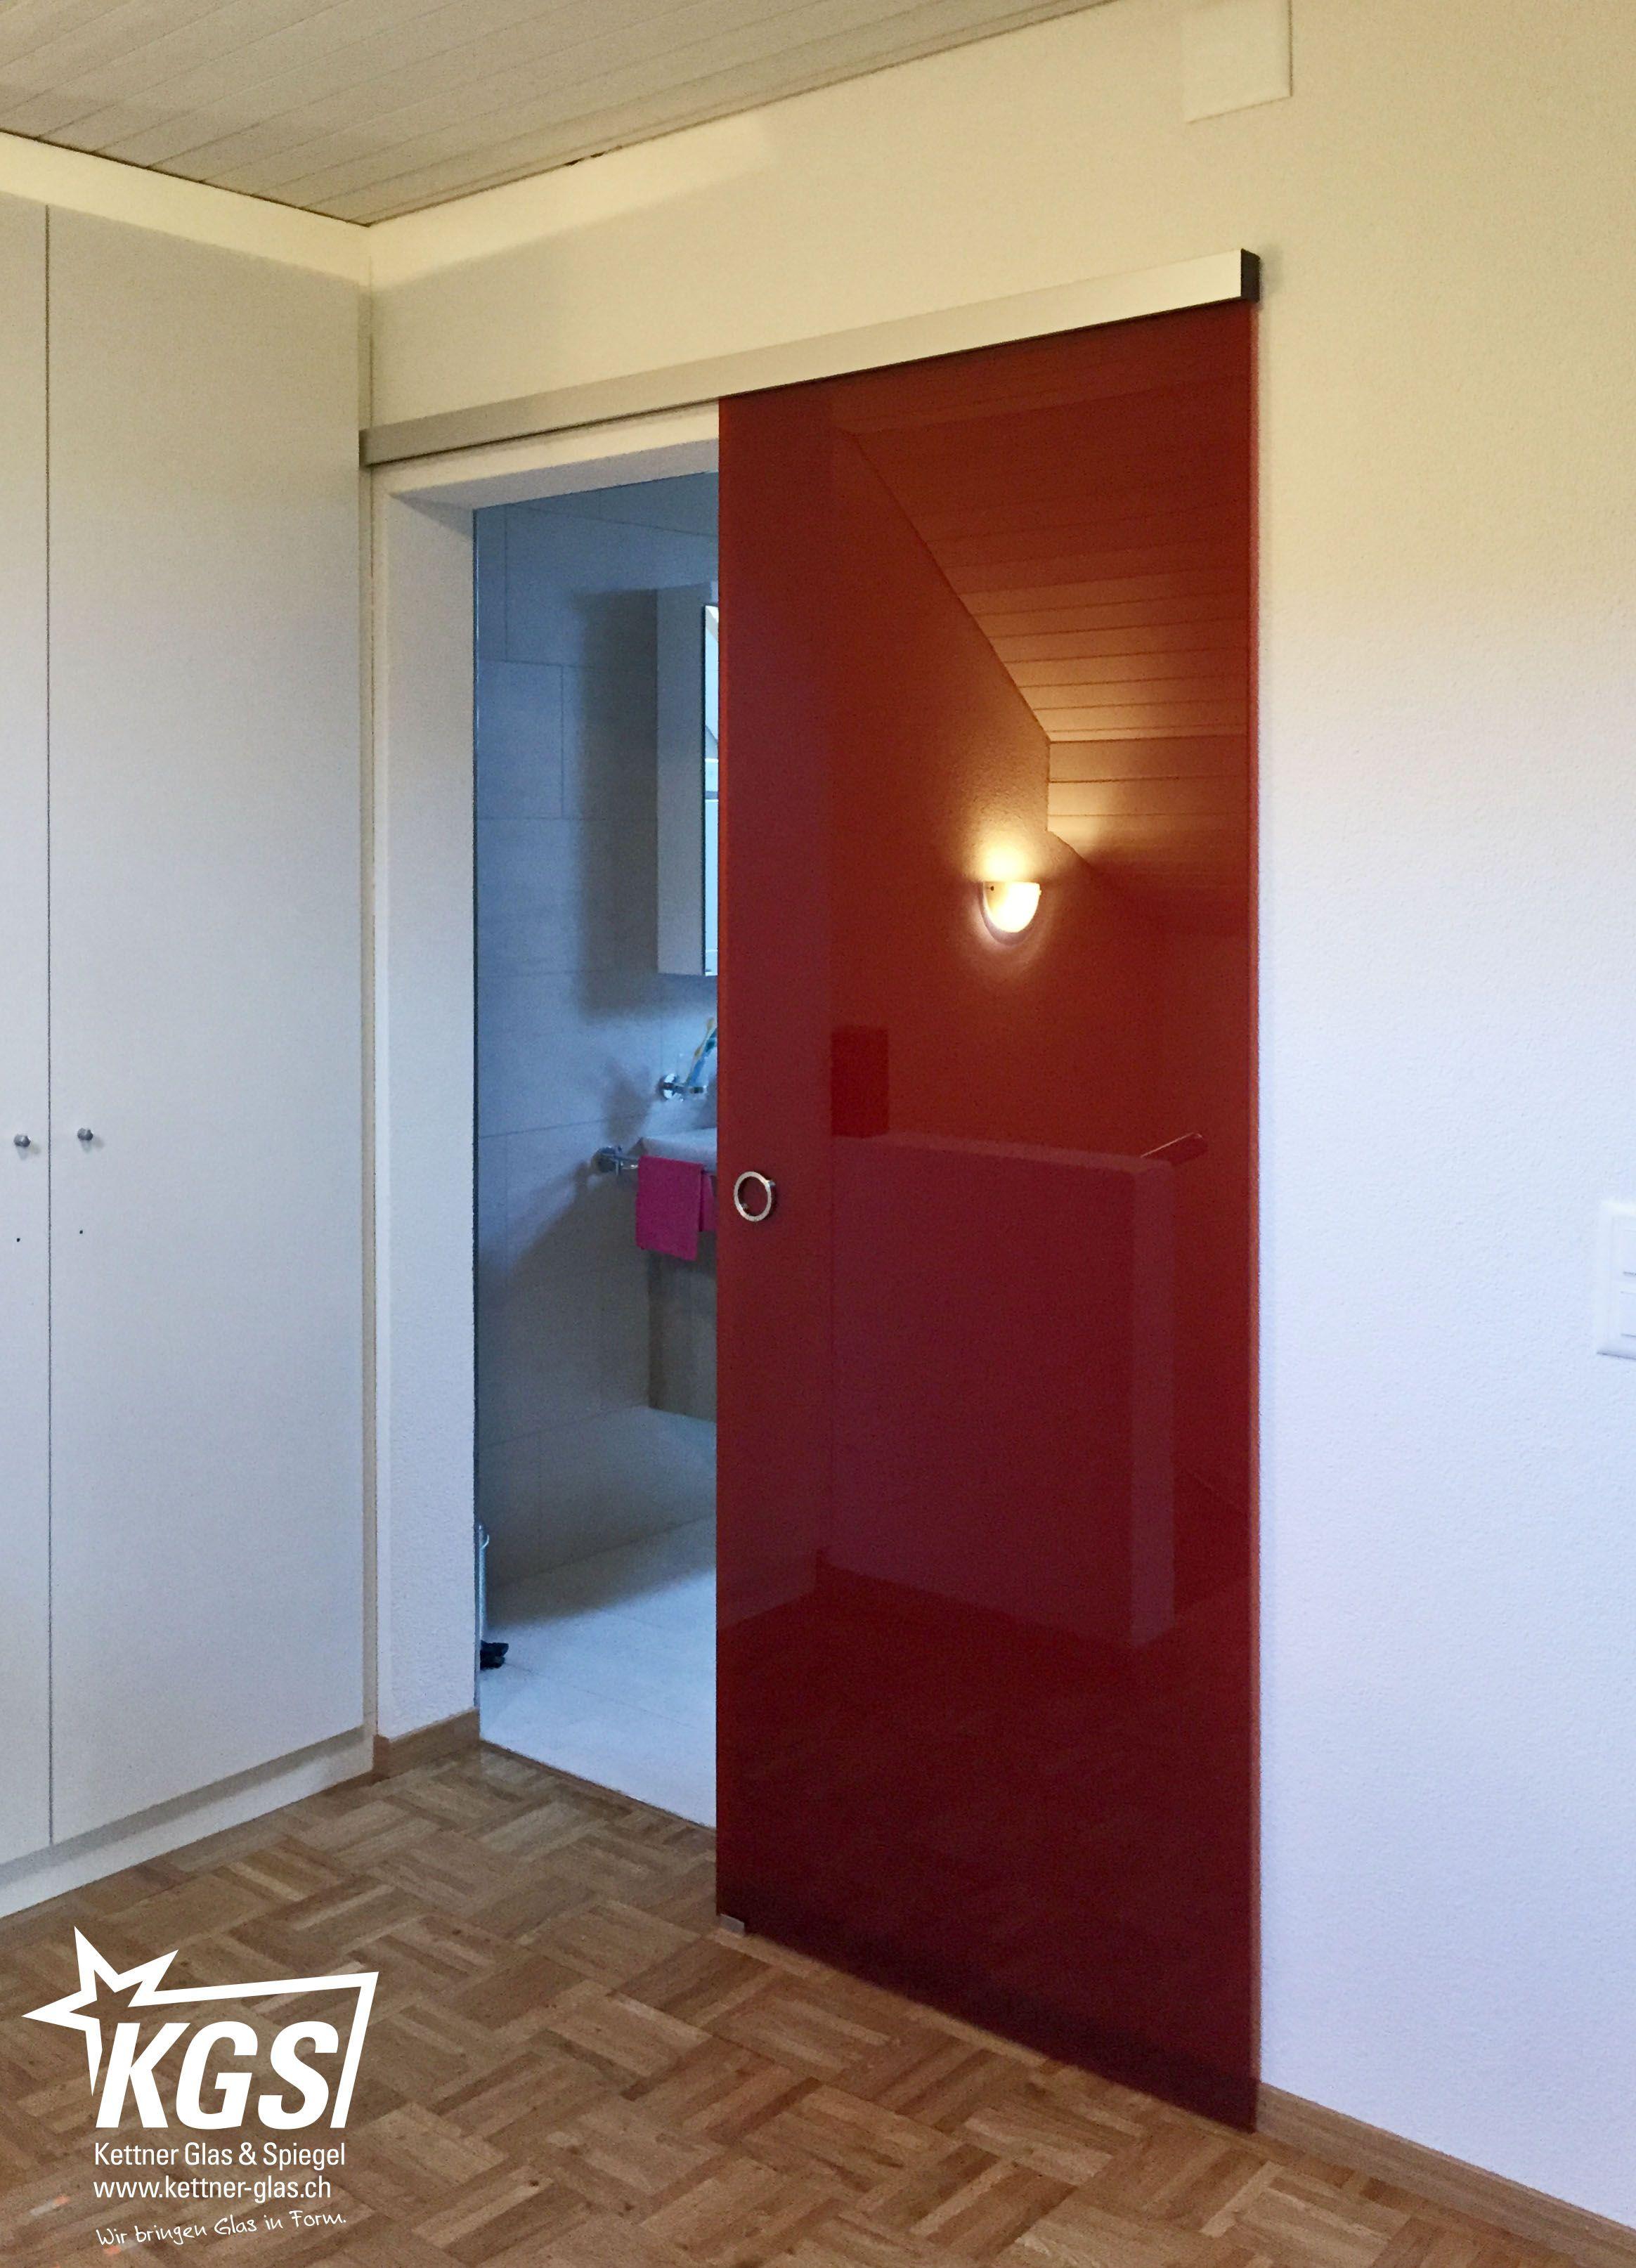 glasschiebet r mit roten design folien f r ein einzigartiges glas erlebnis glast ren. Black Bedroom Furniture Sets. Home Design Ideas